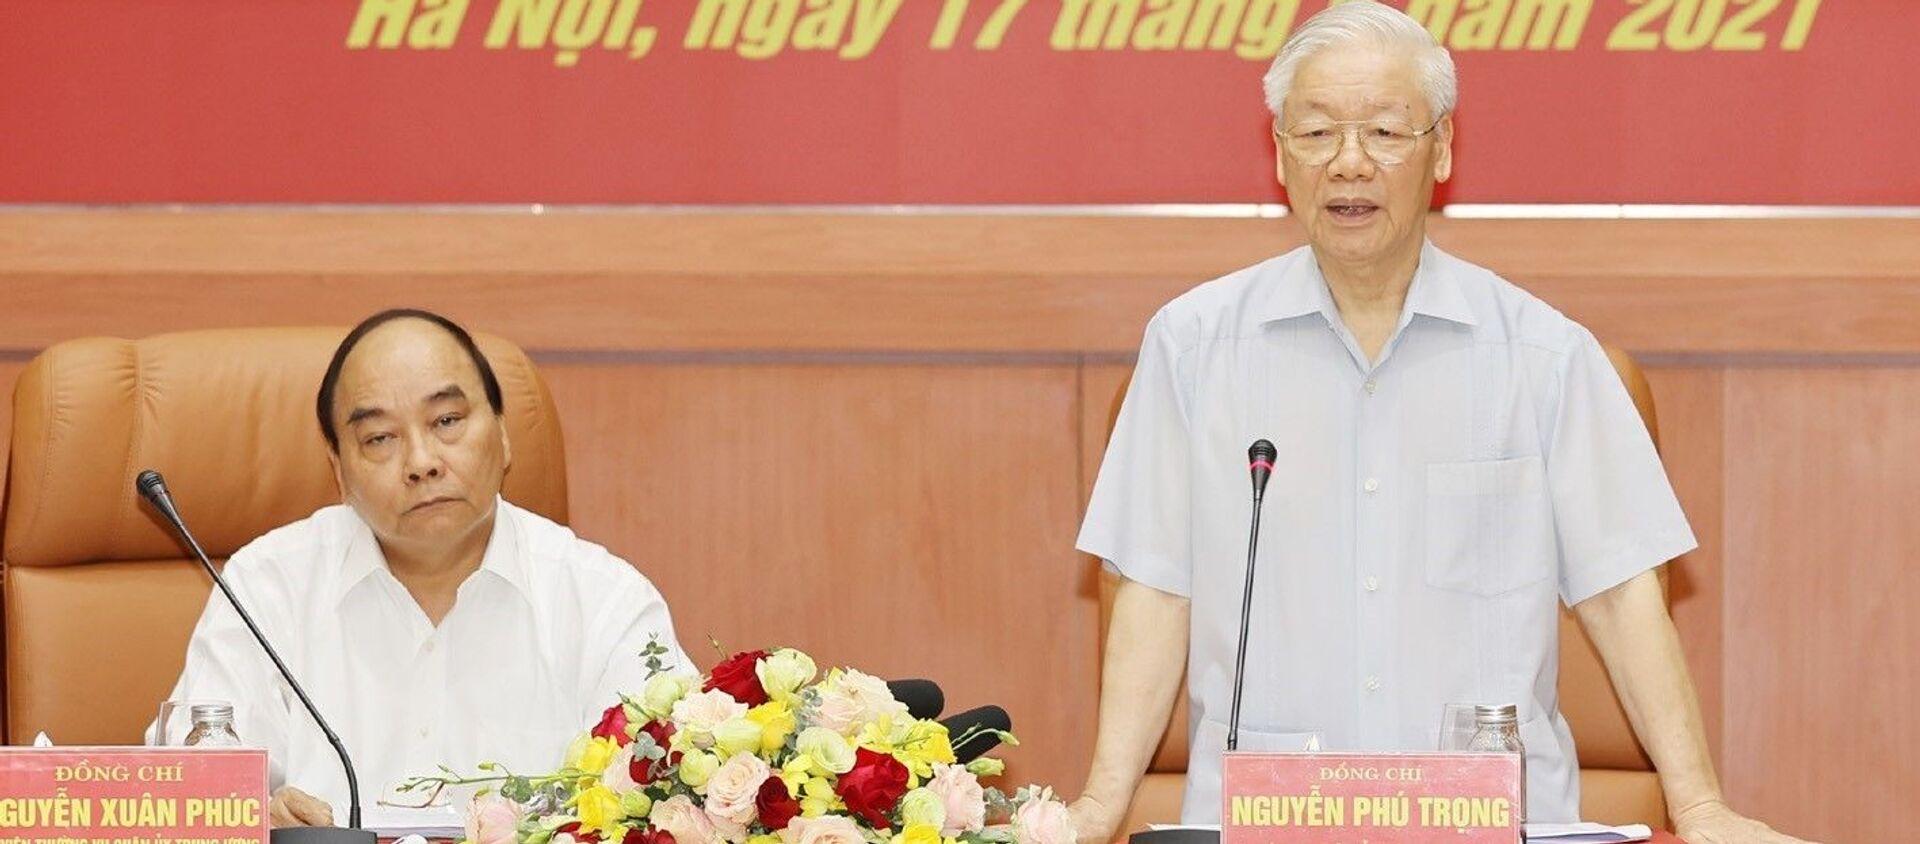 Tổng Bí thư Nguyễn Phú Trọng, Bí thư Quân ủy Trung ương phát biểu chỉ đạo Hội nghị - Sputnik Việt Nam, 1920, 17.06.2021